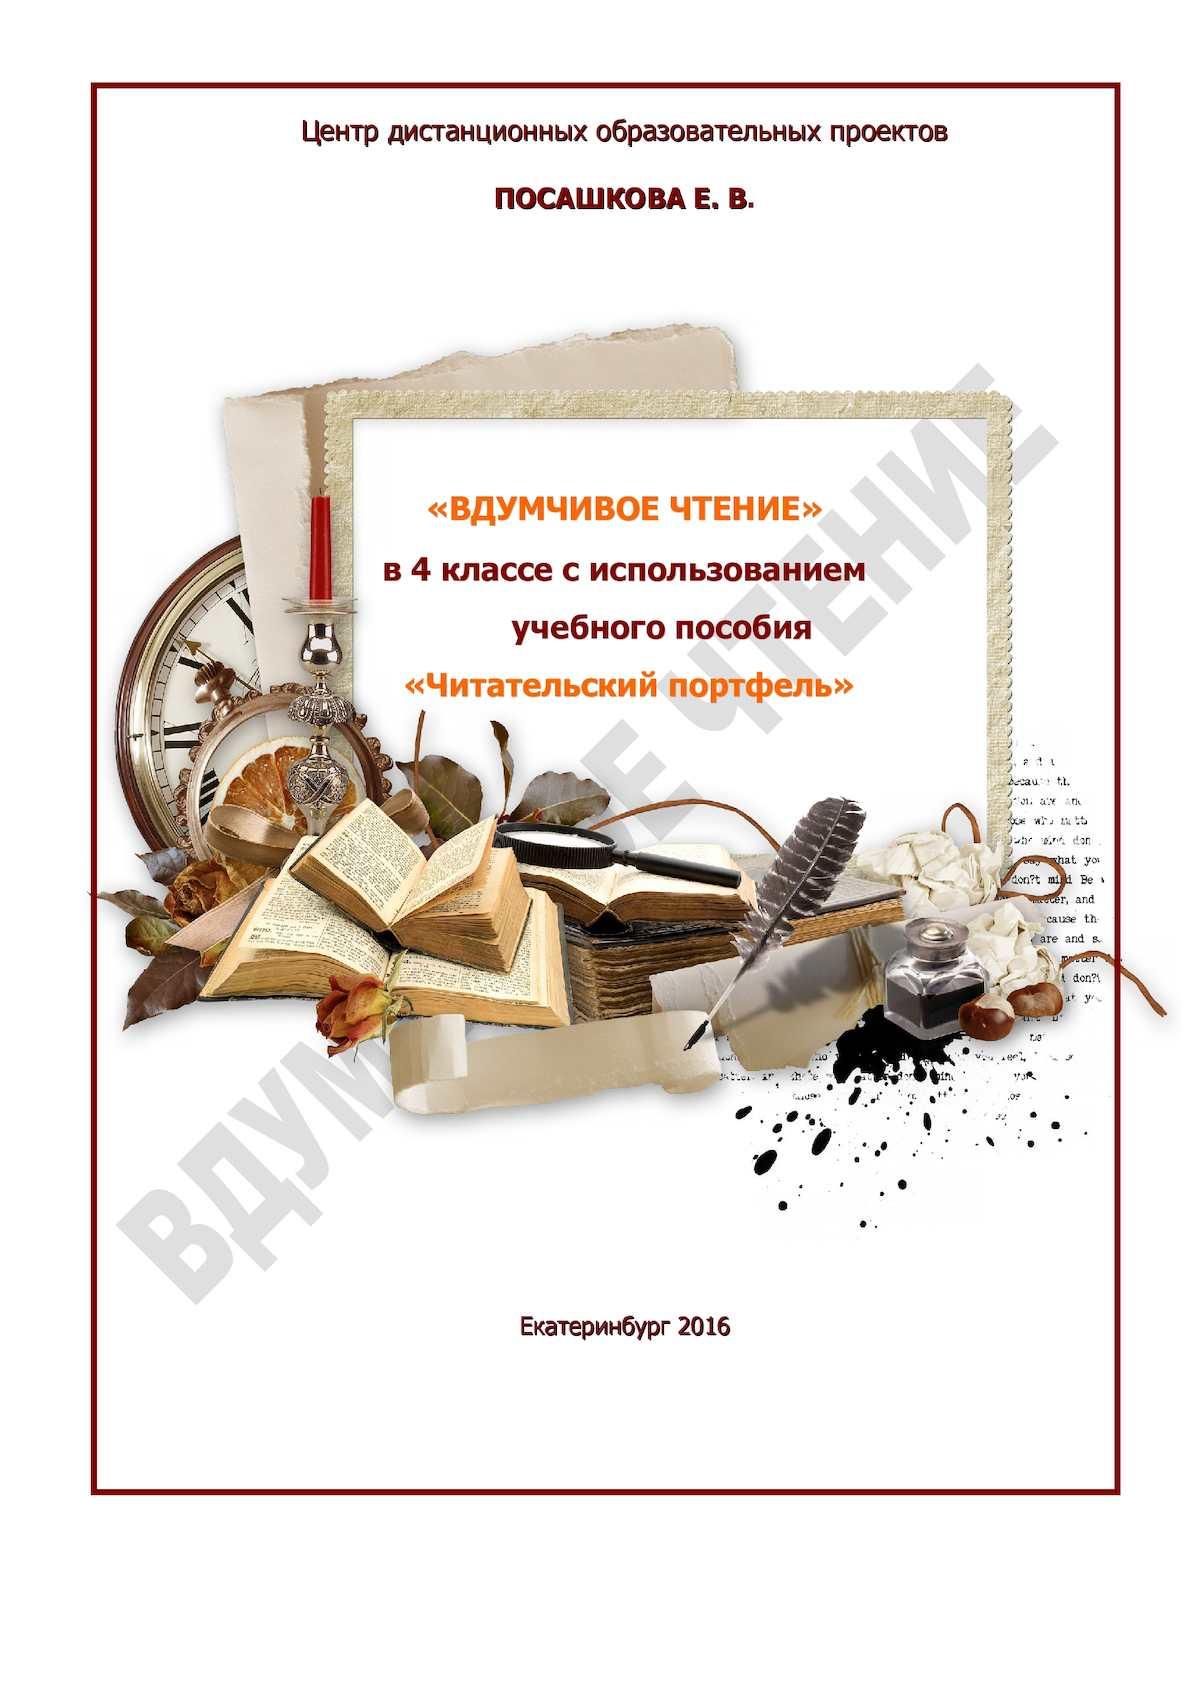 Методическое пособие для 4 класса по программе «Вдумчивое чтение»